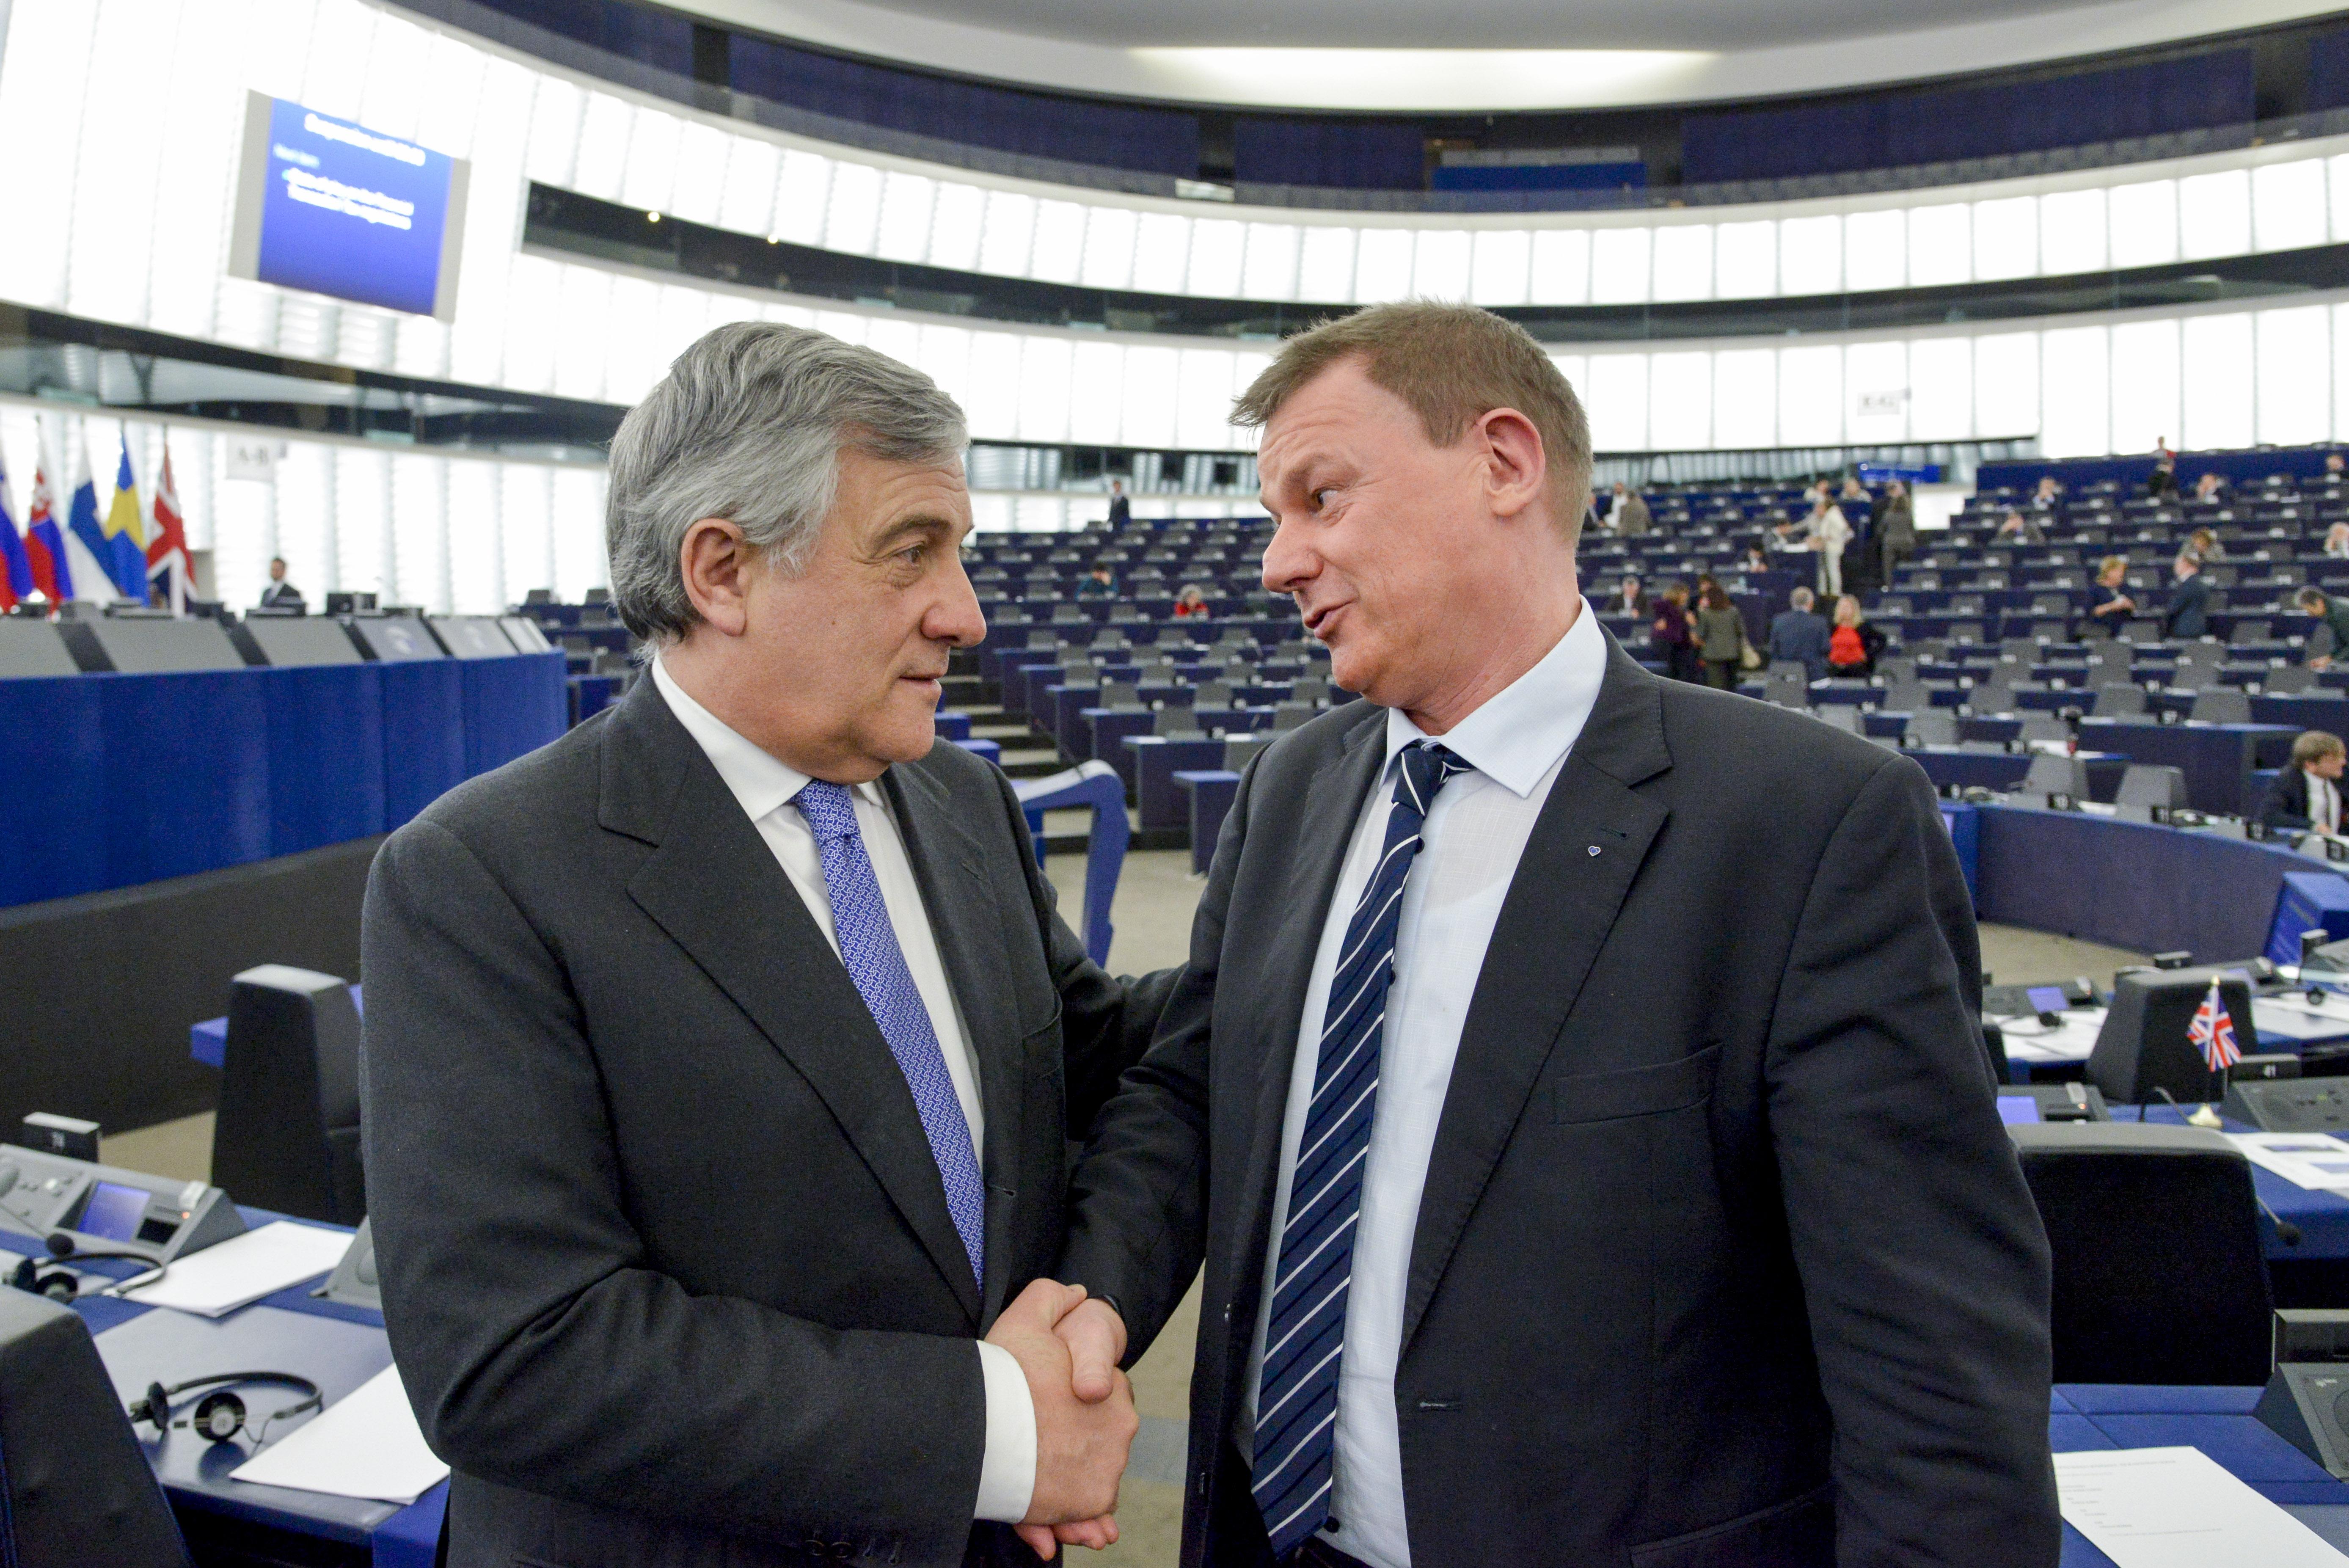 Markus PIEPER in plenary session week 3 2017 in Strasbourg